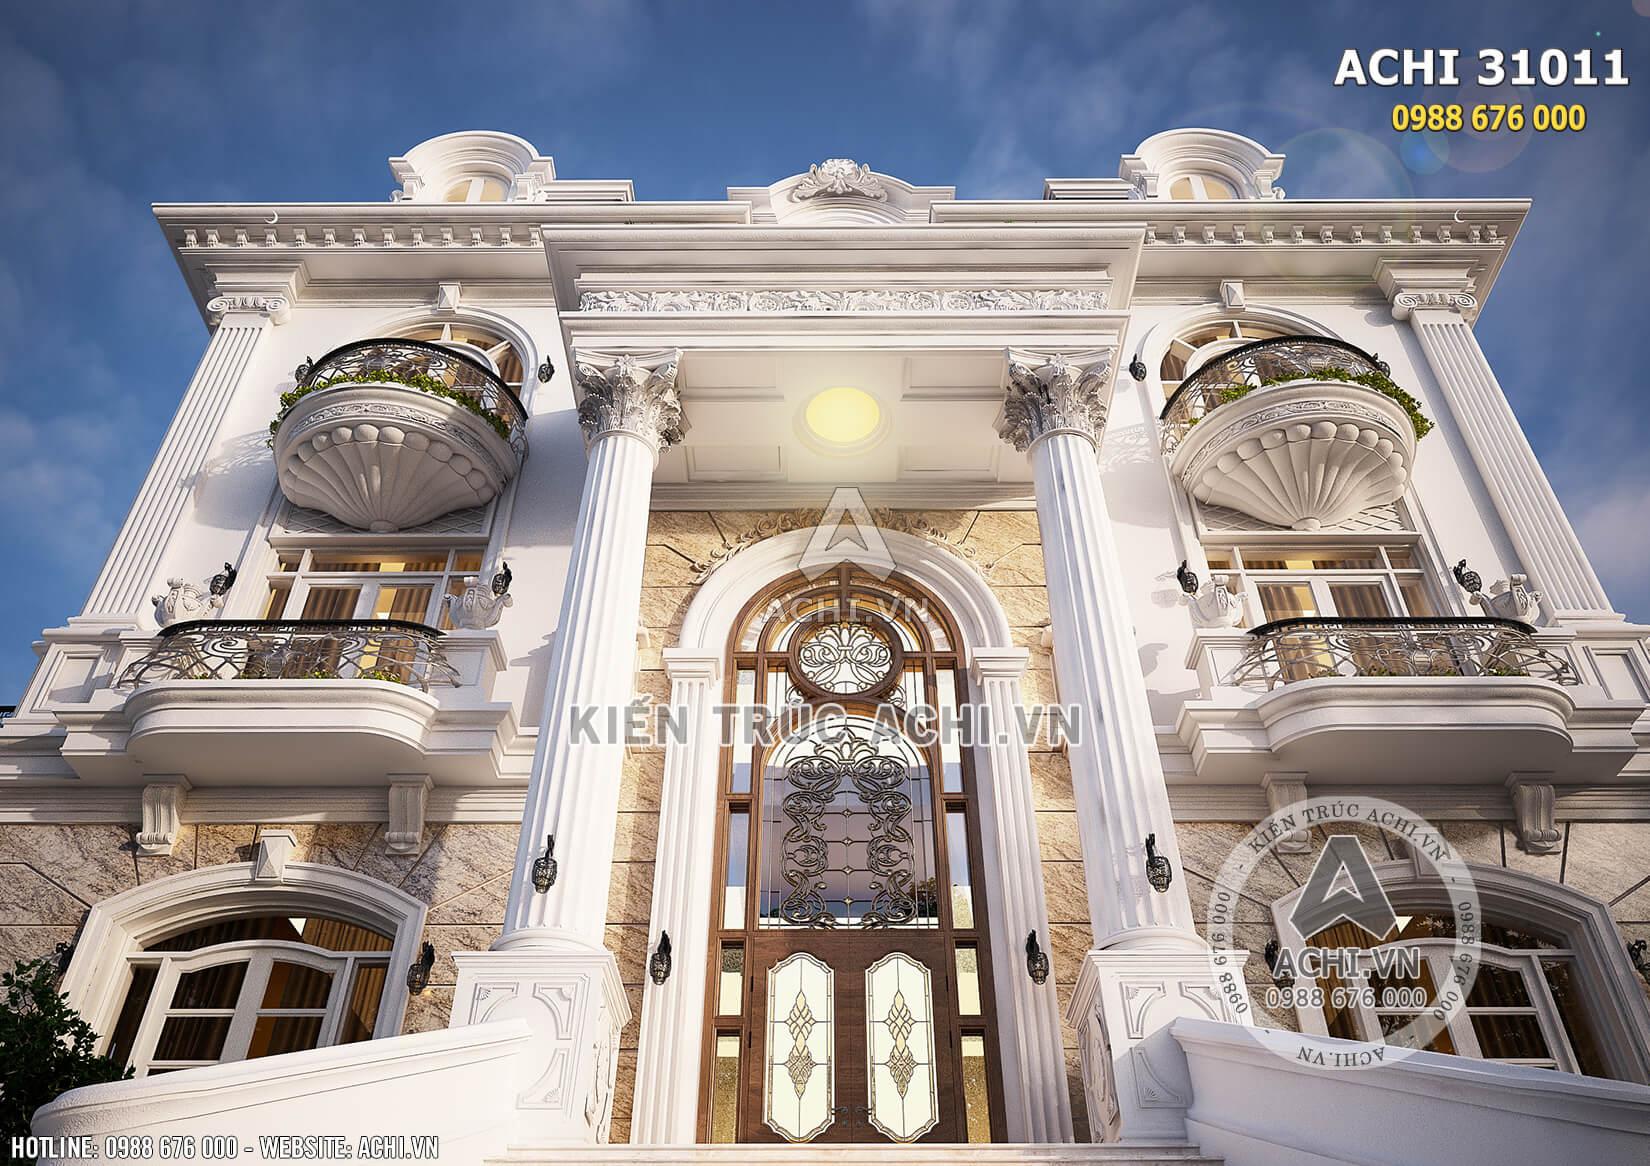 Mặt tiền với kiến trúc đăng đối đặc trưng cùng đường nét tinh tế, sang trọng của mẫu biệt thự Pháp